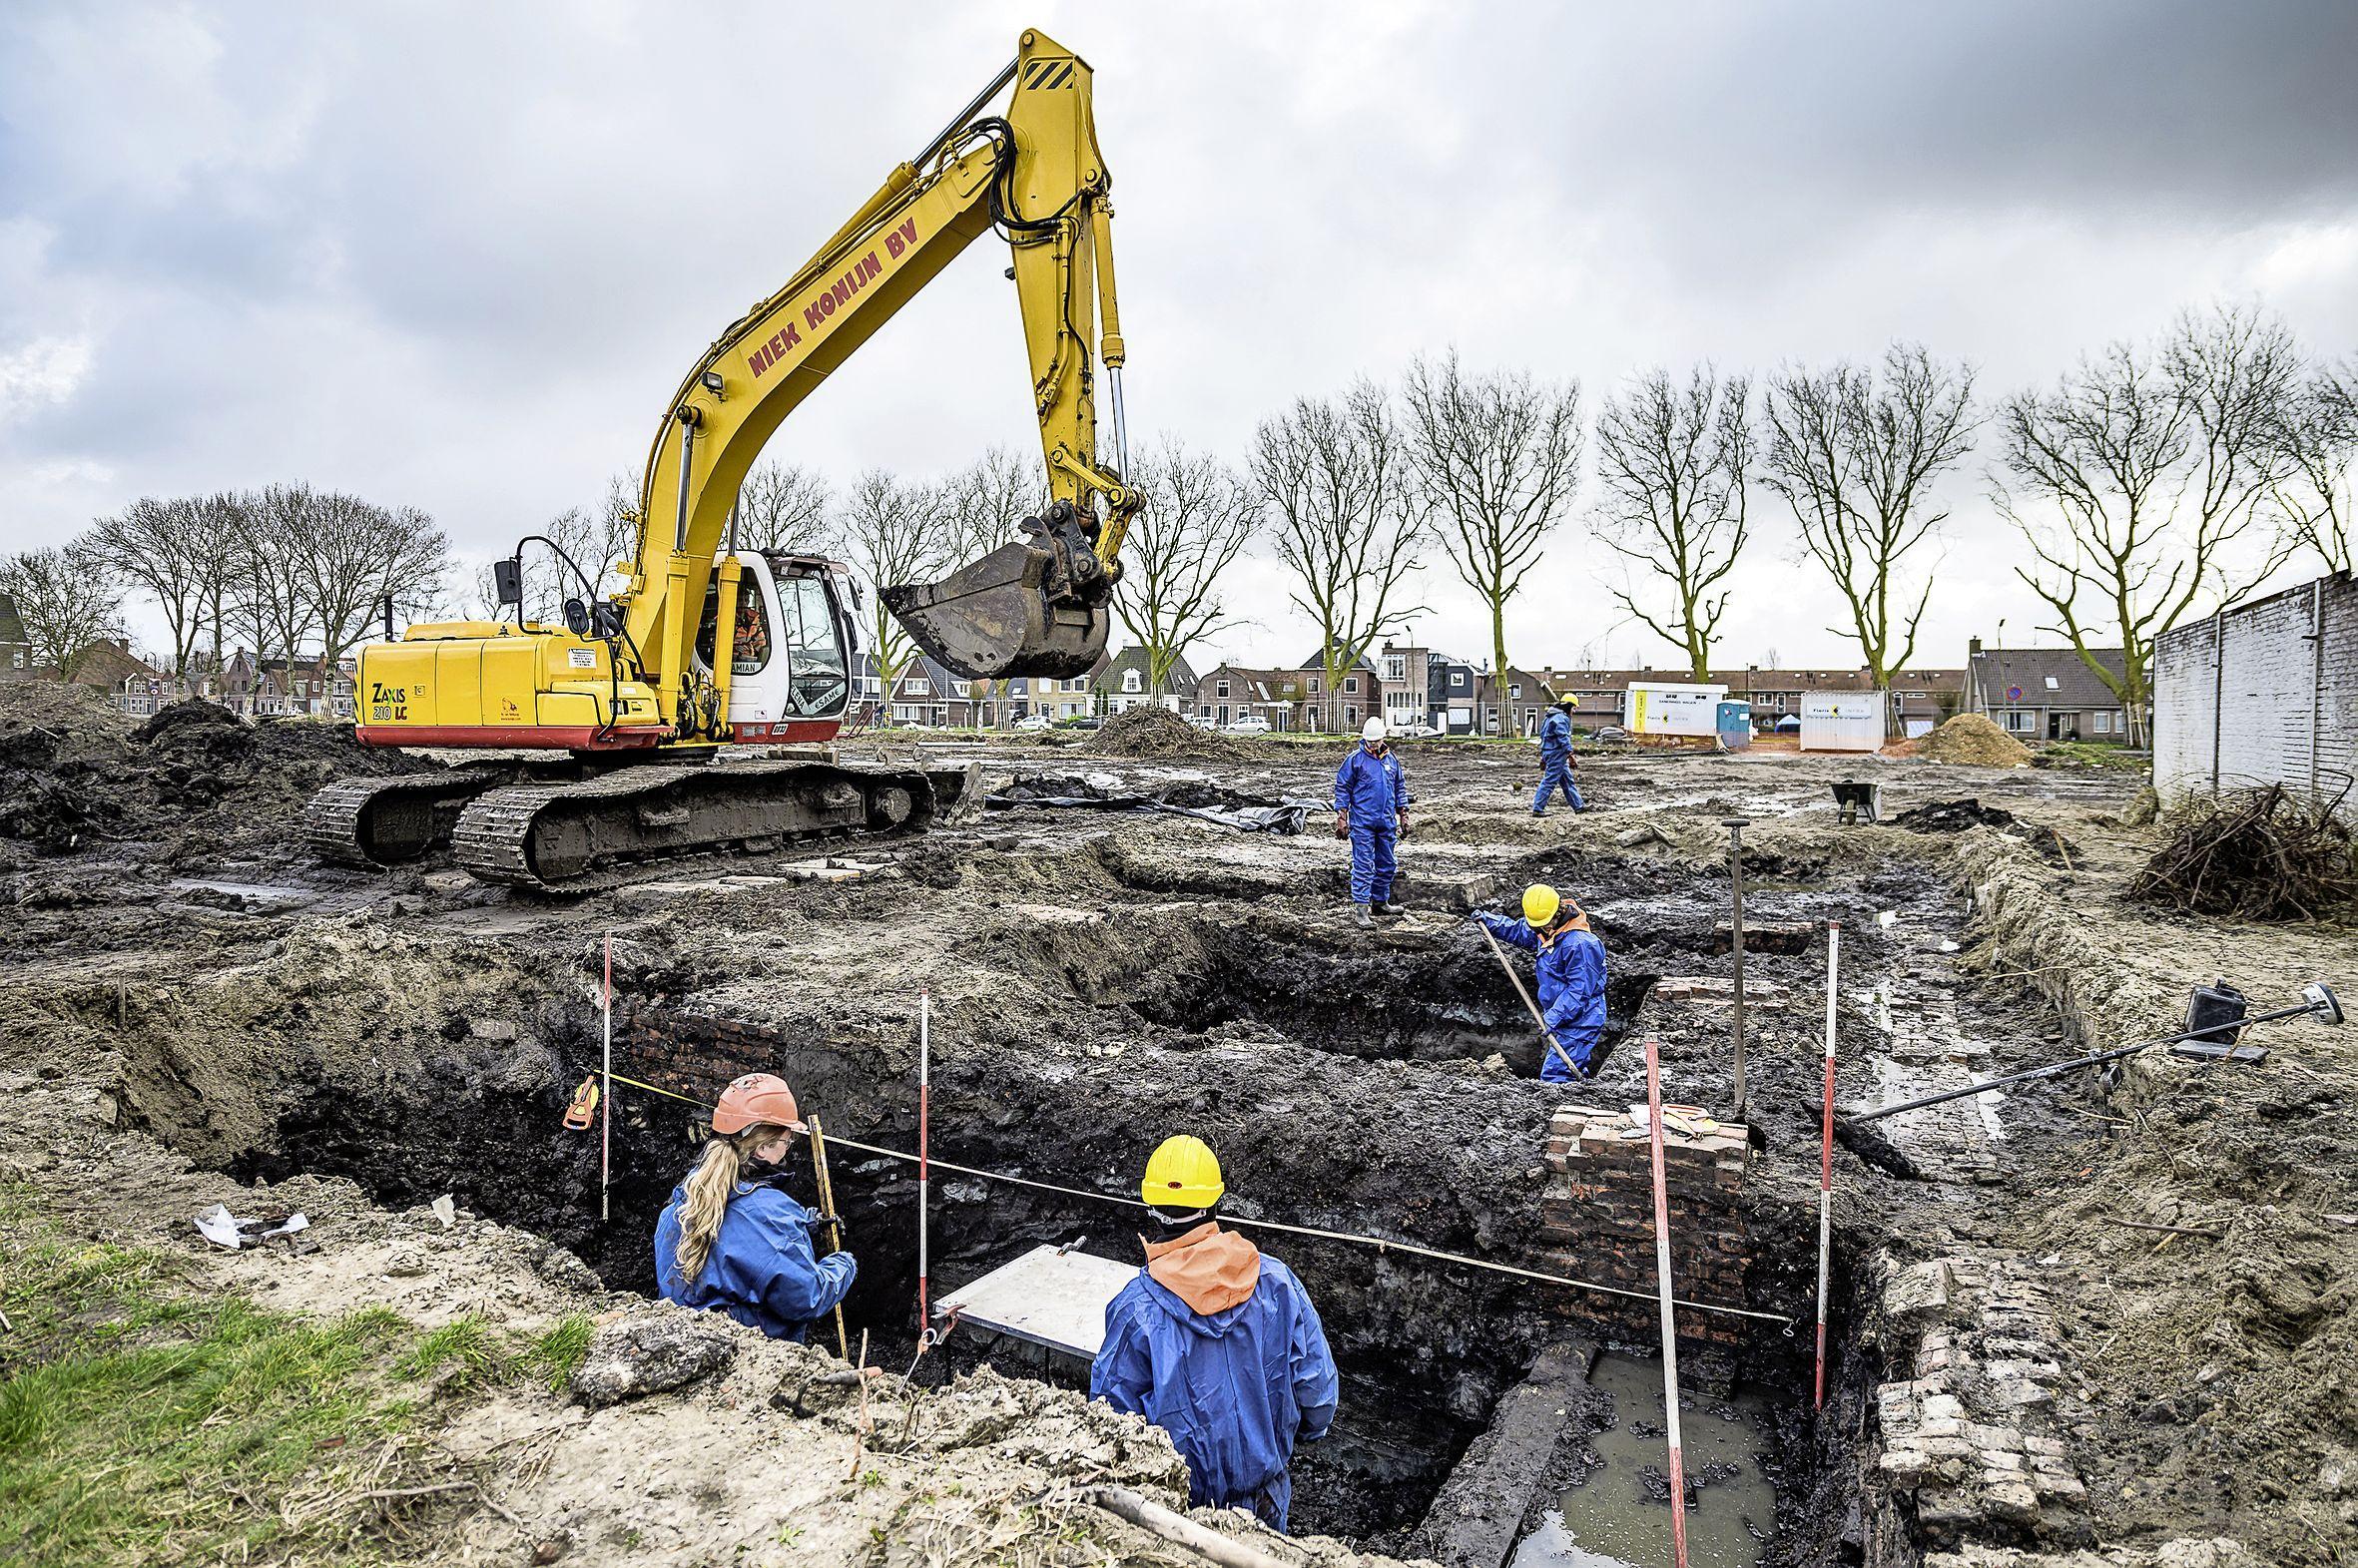 Archeologen vinden in Edam restanten van pakhuizen en woningen uit zeventiende en achttiende eeuw; gegevens op gedetailleerde oude kaart blijken te kloppen